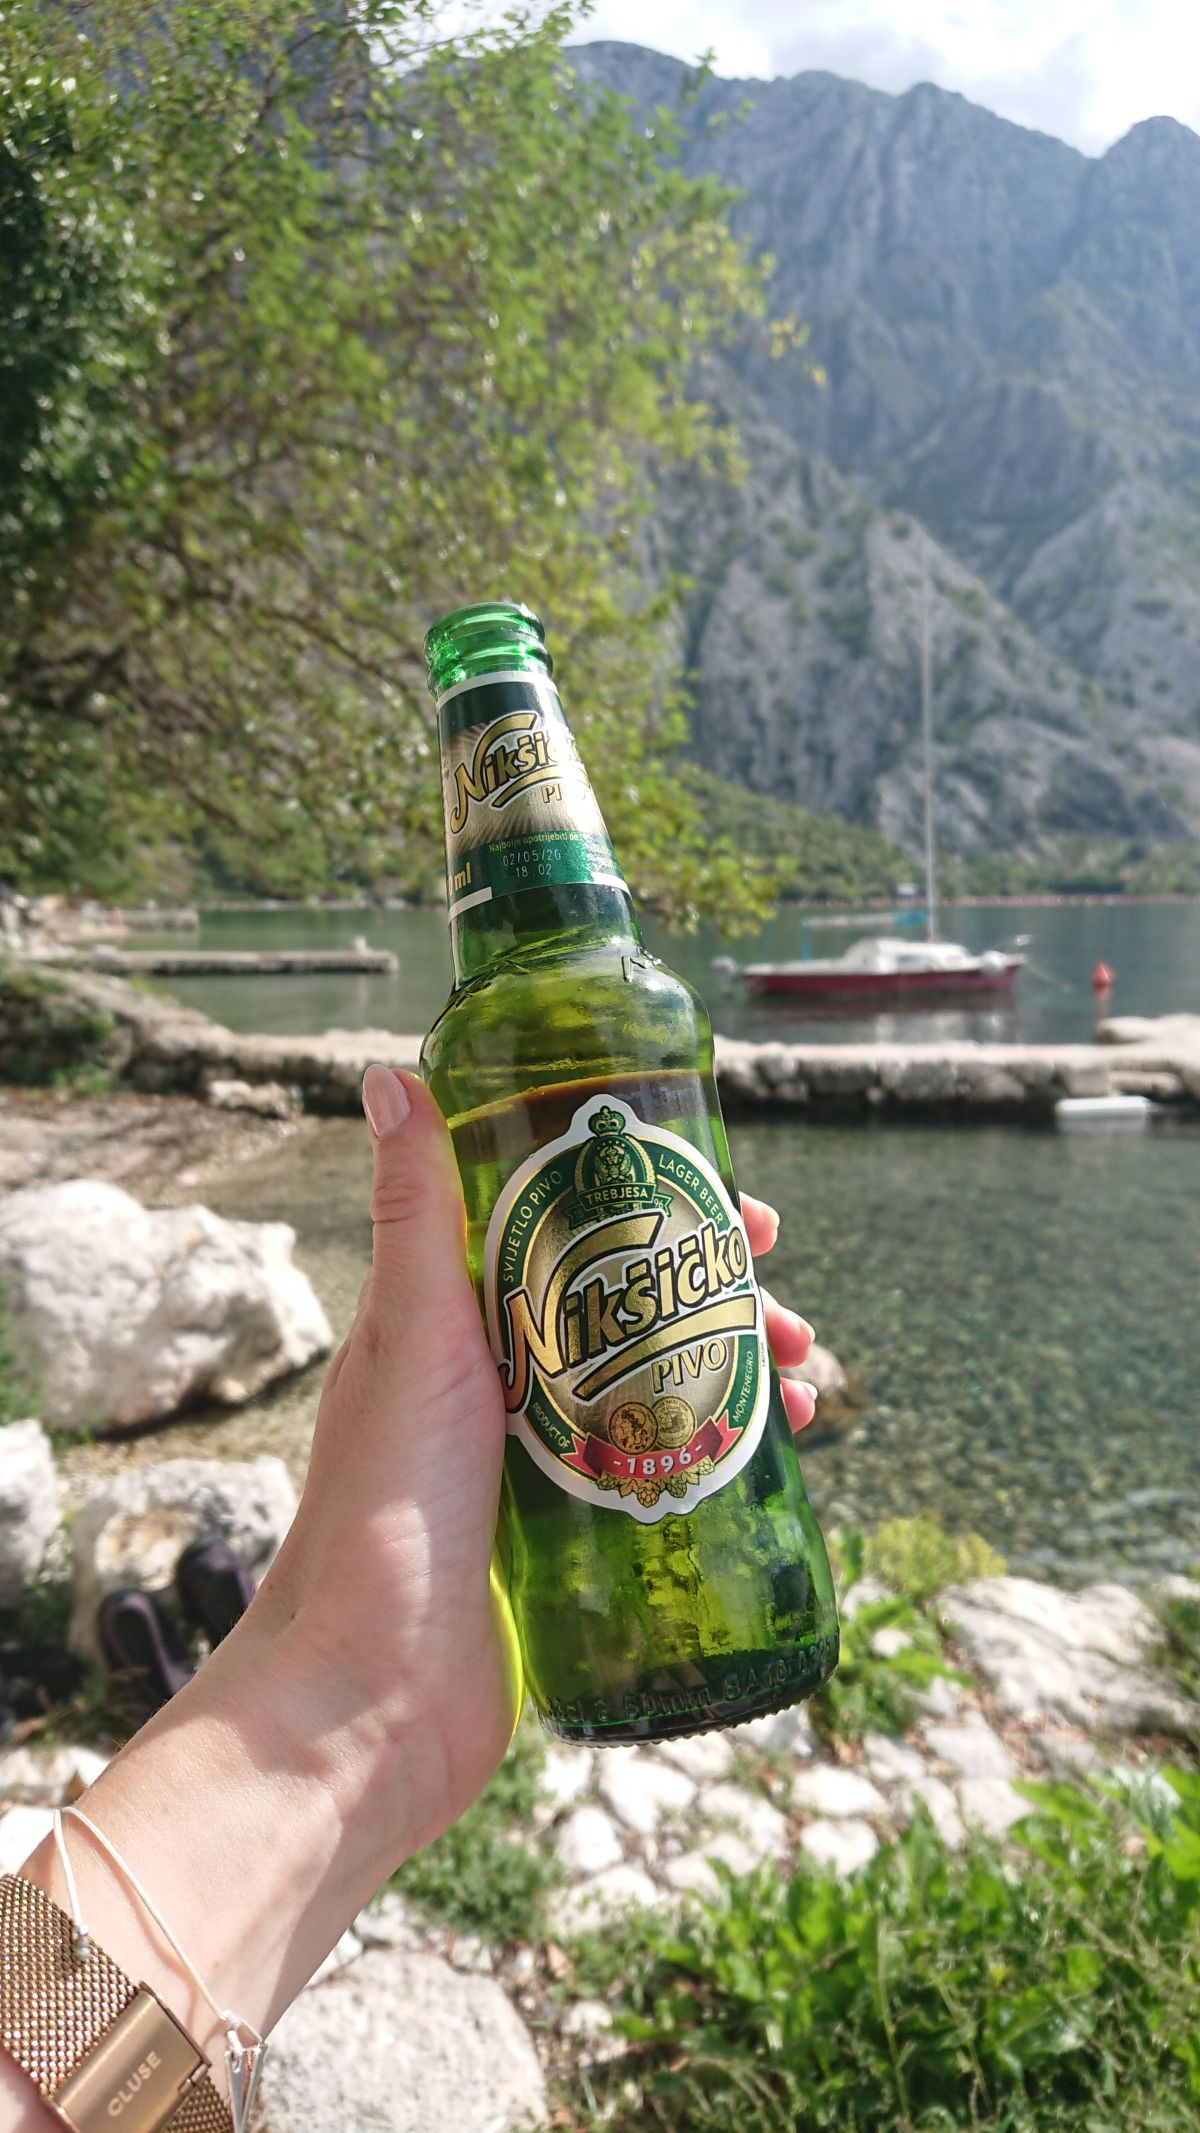 Największy browar w Czarnogórze to Nikšićko.